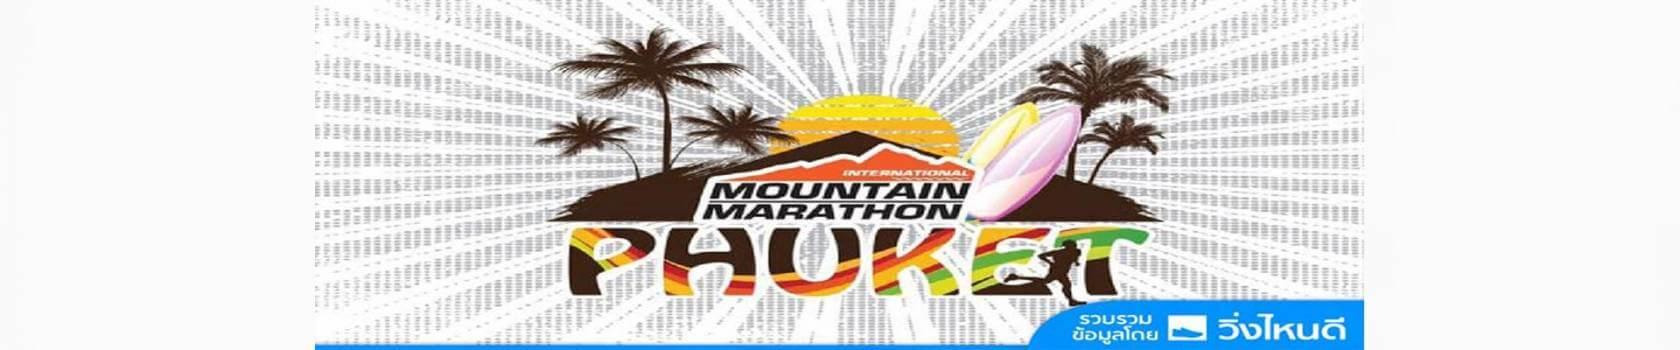 Phuket International Mountain Marathon 2020